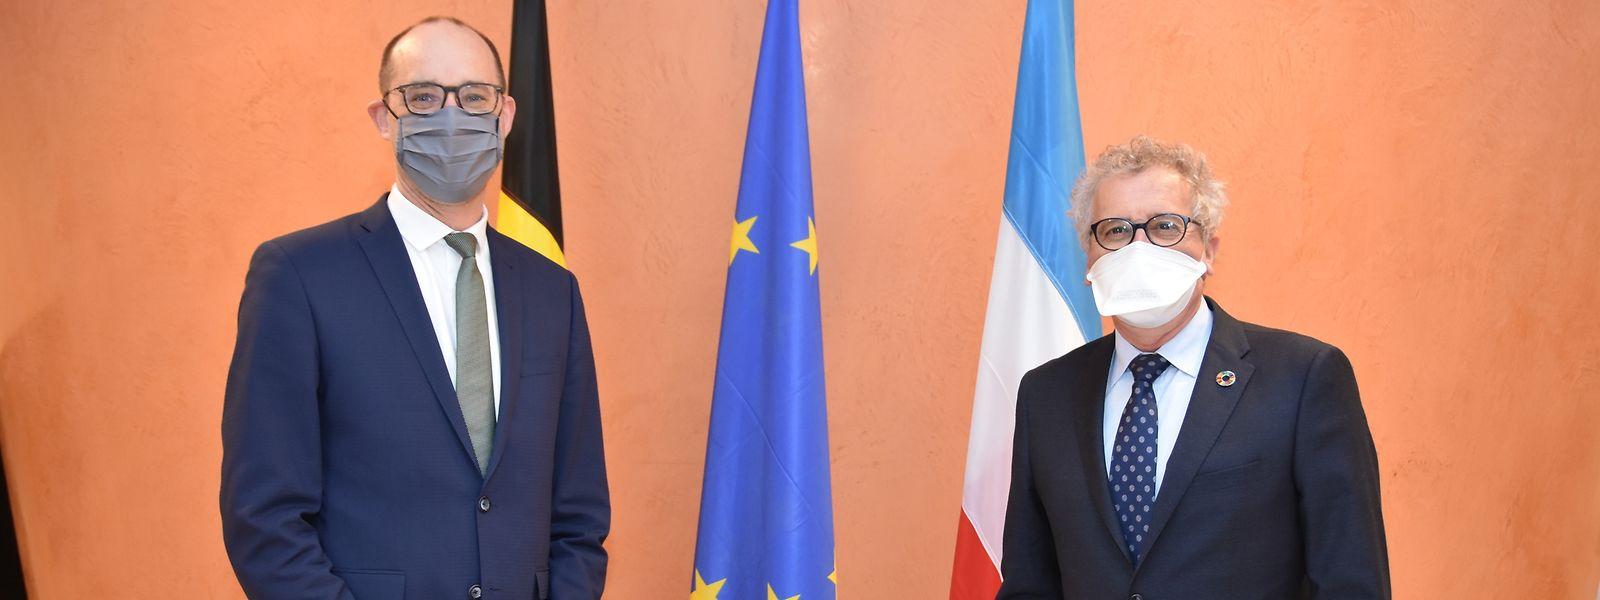 Vincent Van Peteghem, ministre belge des Finances, aura finalement préféré annoncer l'accord autour du versement des compensations fiscales aux communes frontalières lors de son passage à la Chambre des représentants plutôt que lors de son passage au Luxembourg.